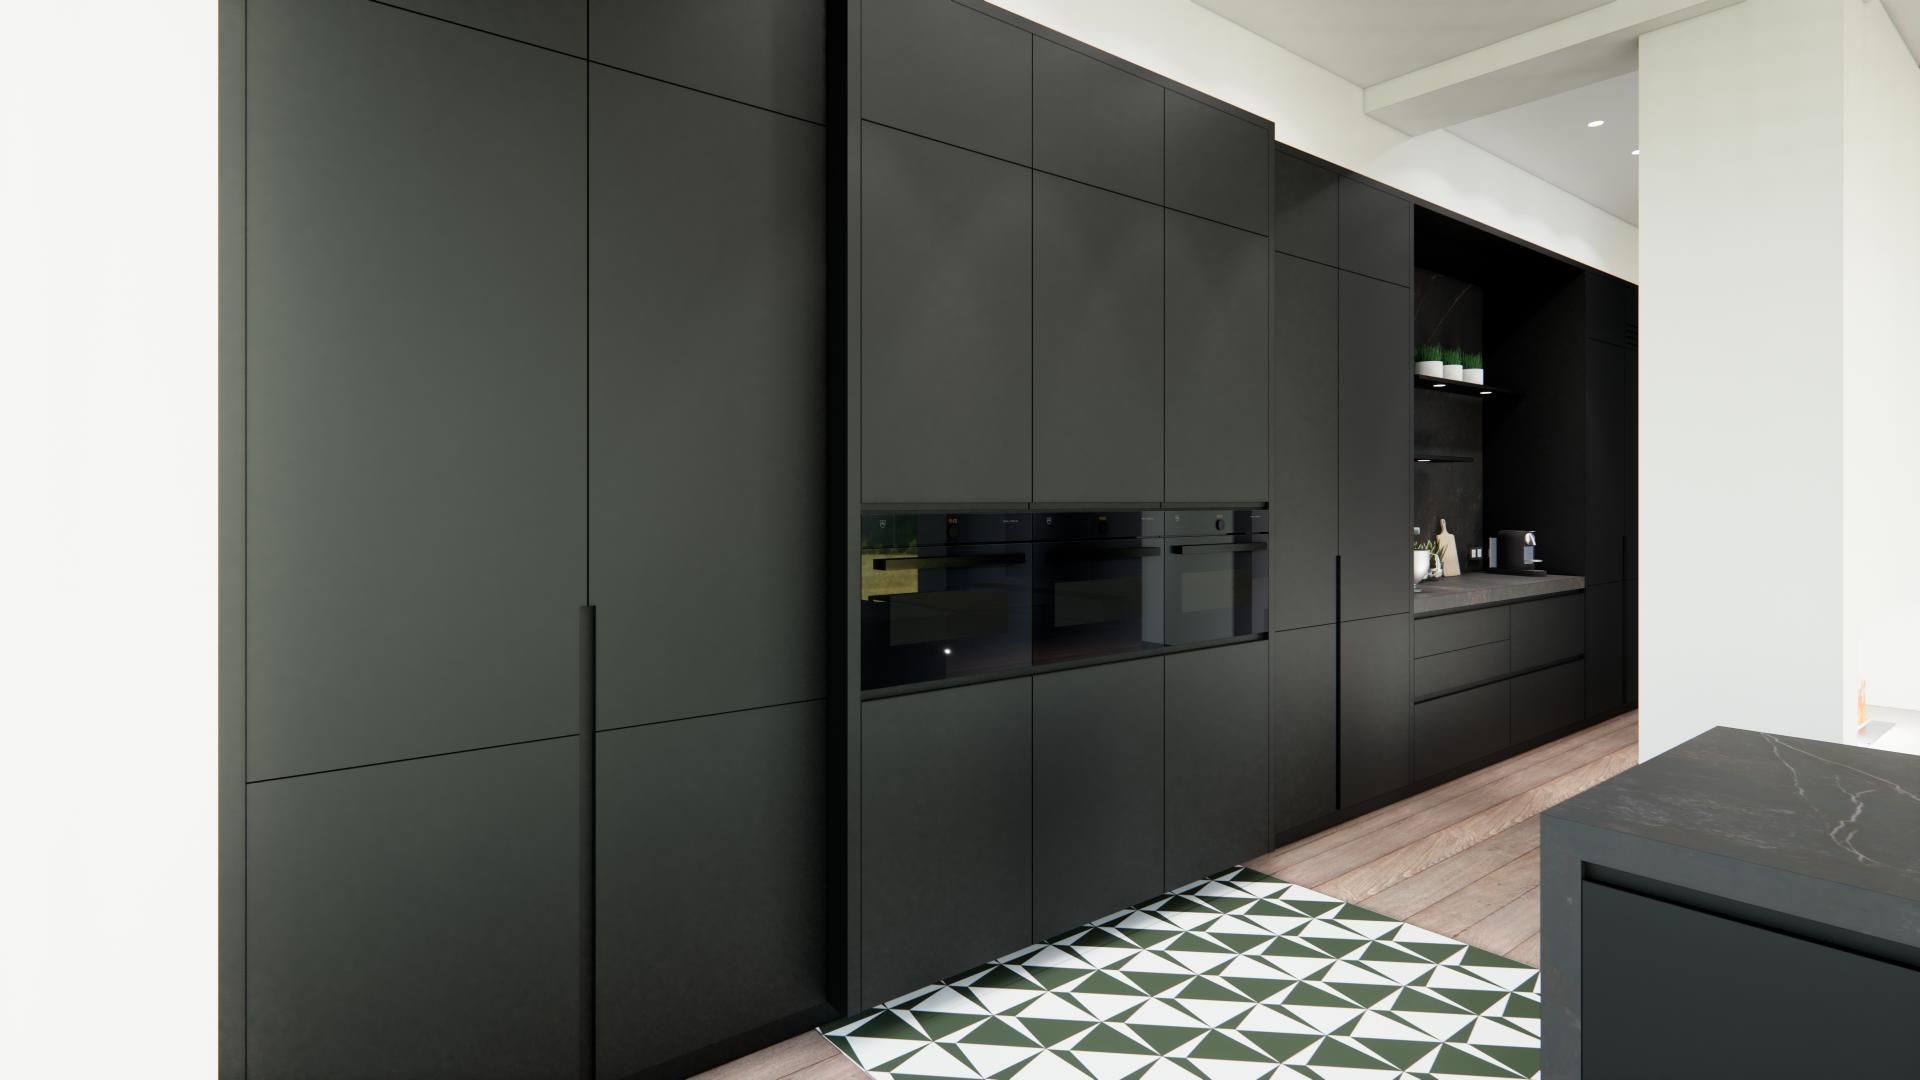 Mur d armoires cuisine haut de gamme